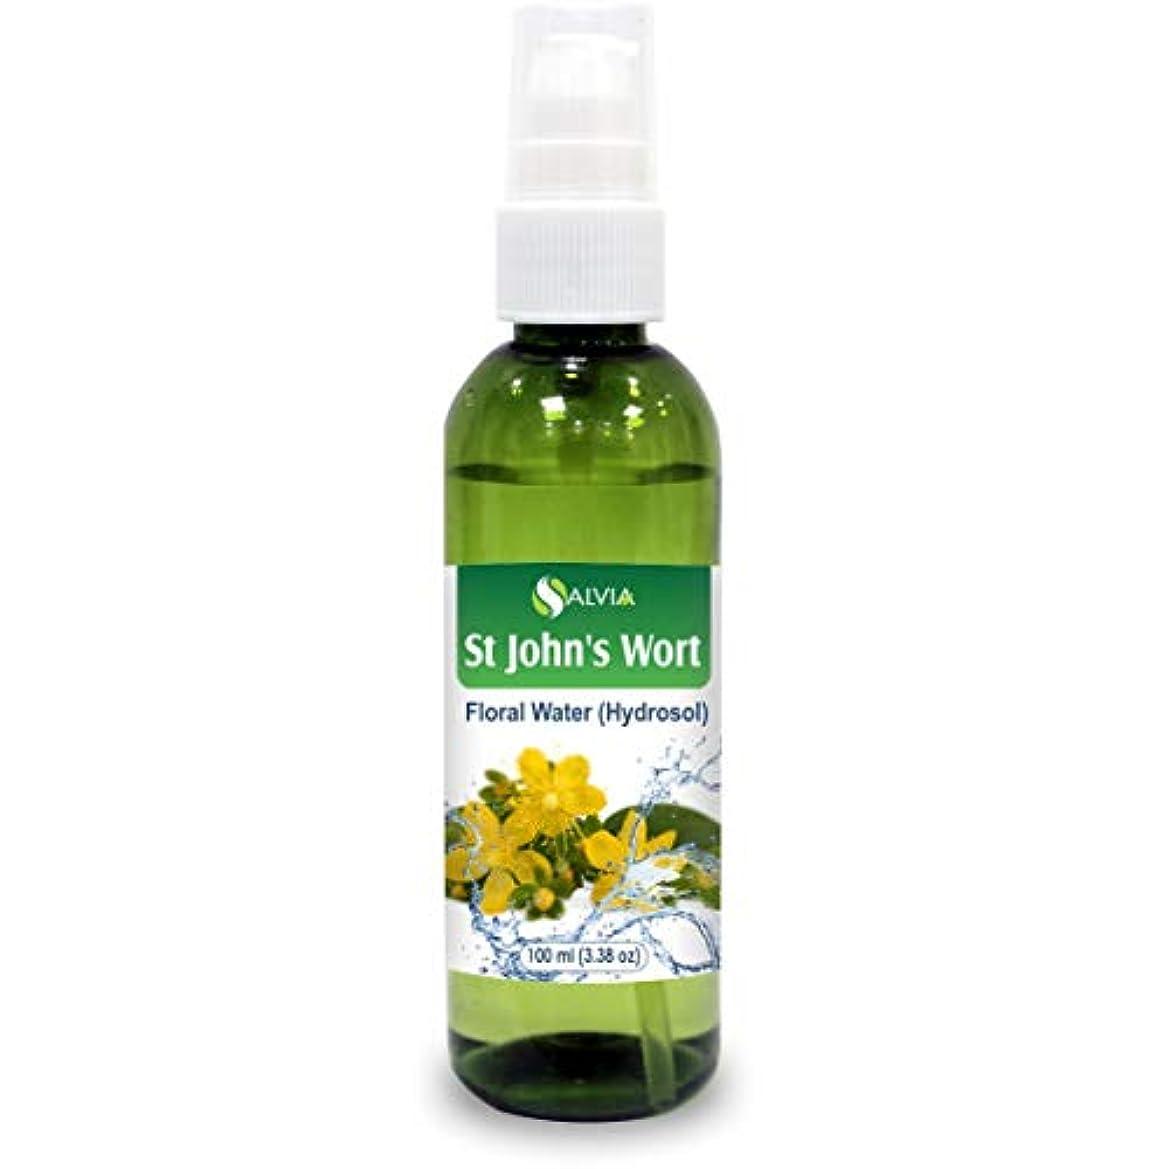 ガイダンス落ち着いた申請中St John's Wort Floral Water 100ml (Hydrosol) 100% Pure And Natural